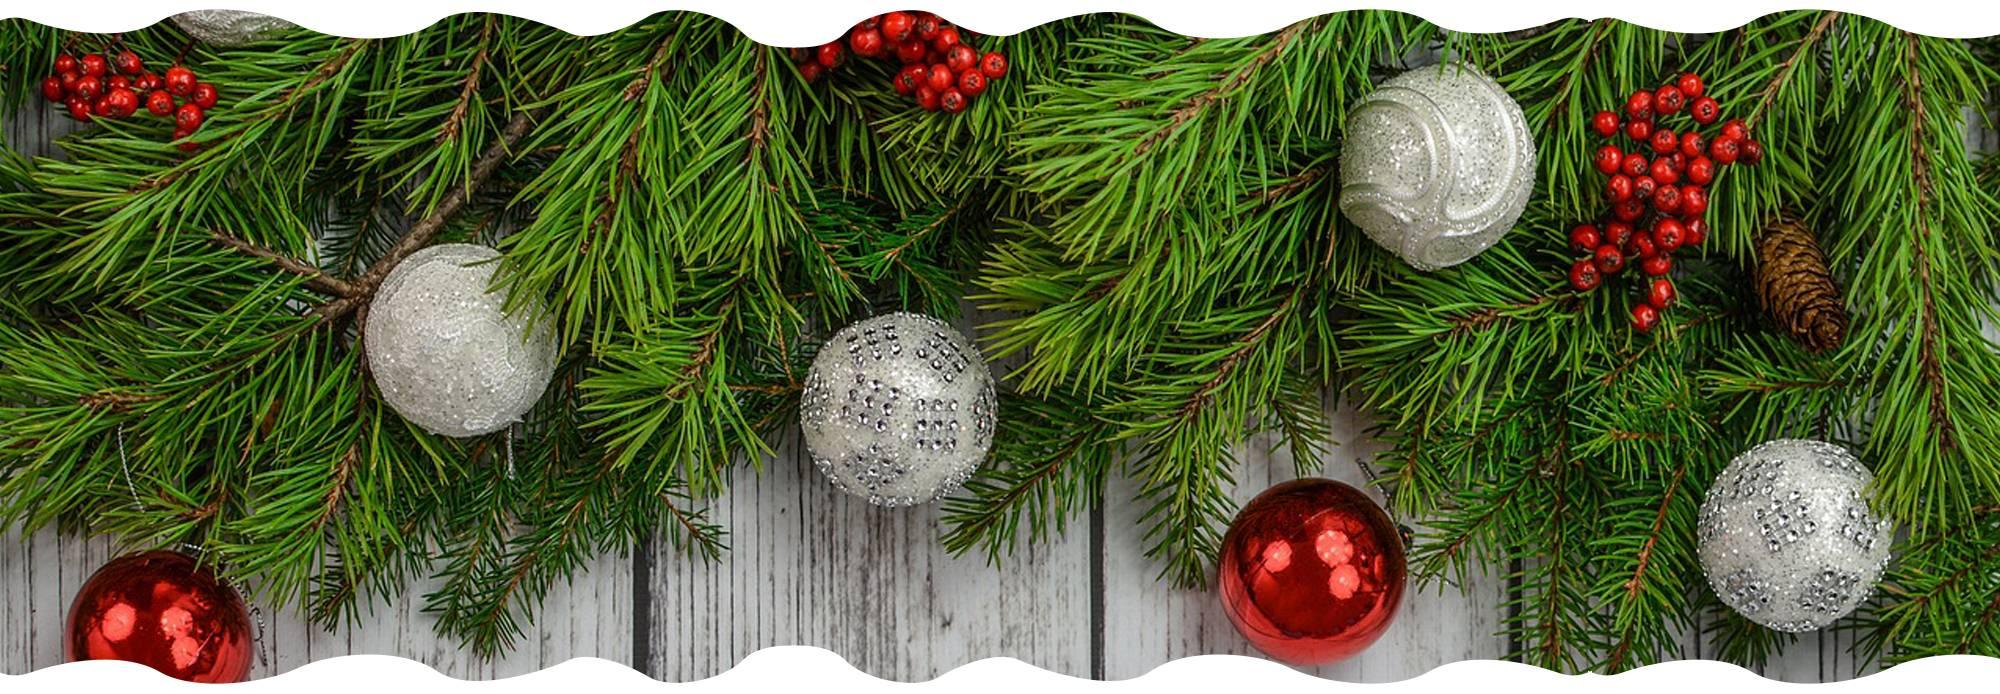 christmas-tree-campaign-gardencenternews-will-do